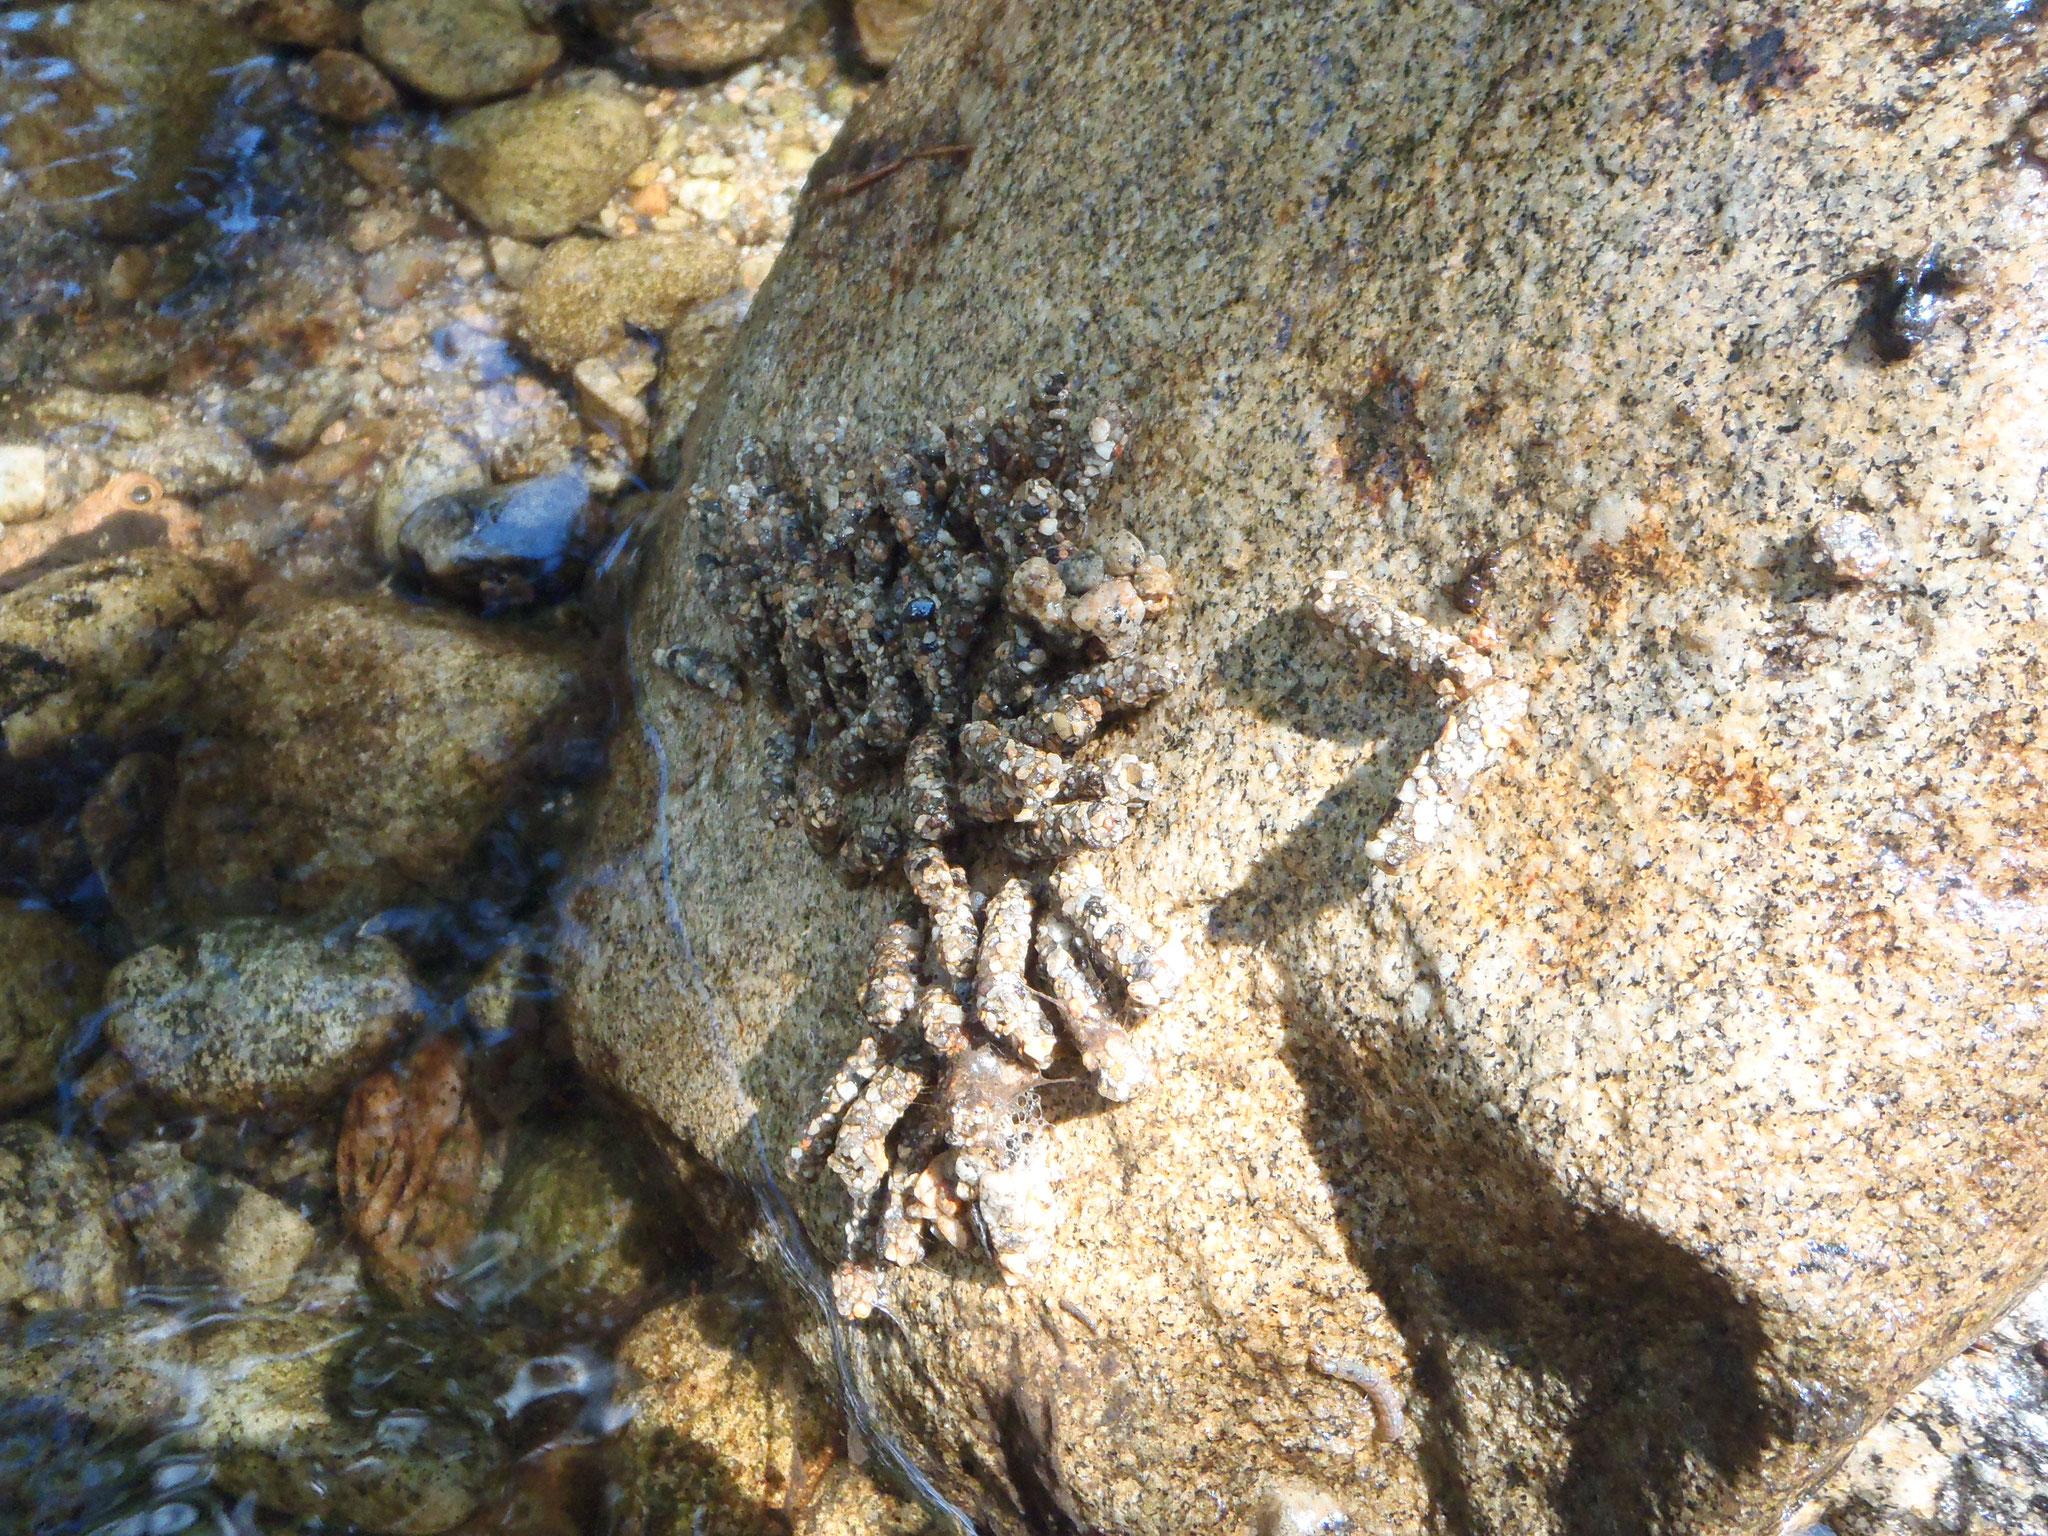 Grappes de vers d'eau sous un rocher